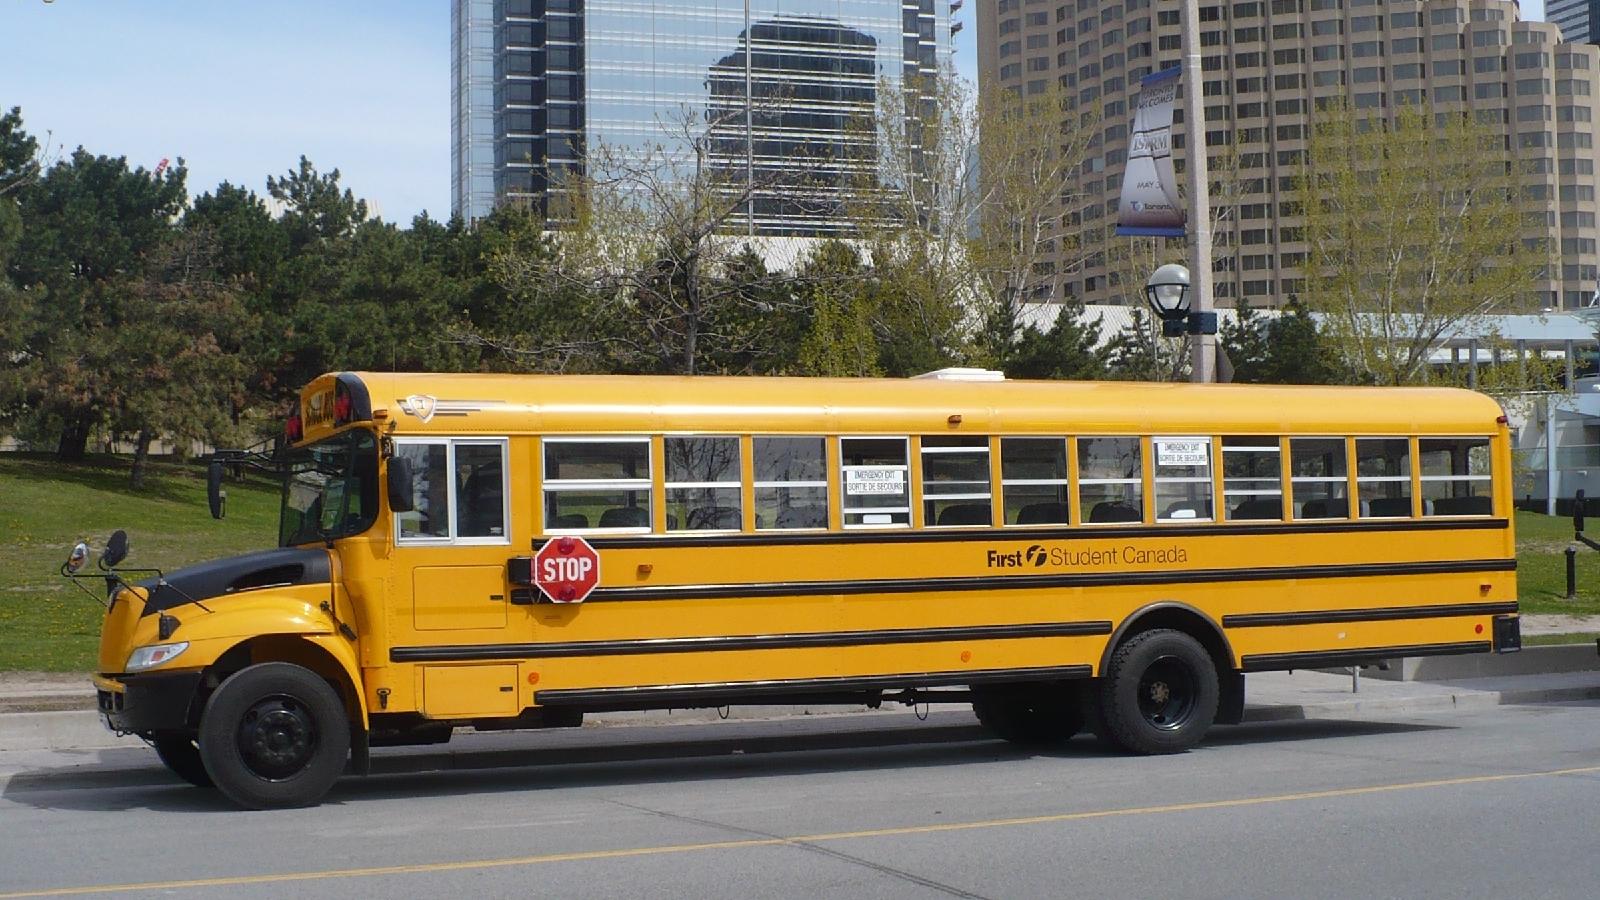 [E] Các quy định về xe đưa đón học sinh trên thế giới: Phương tiện ưu tiên quốc gia  - Ảnh 11